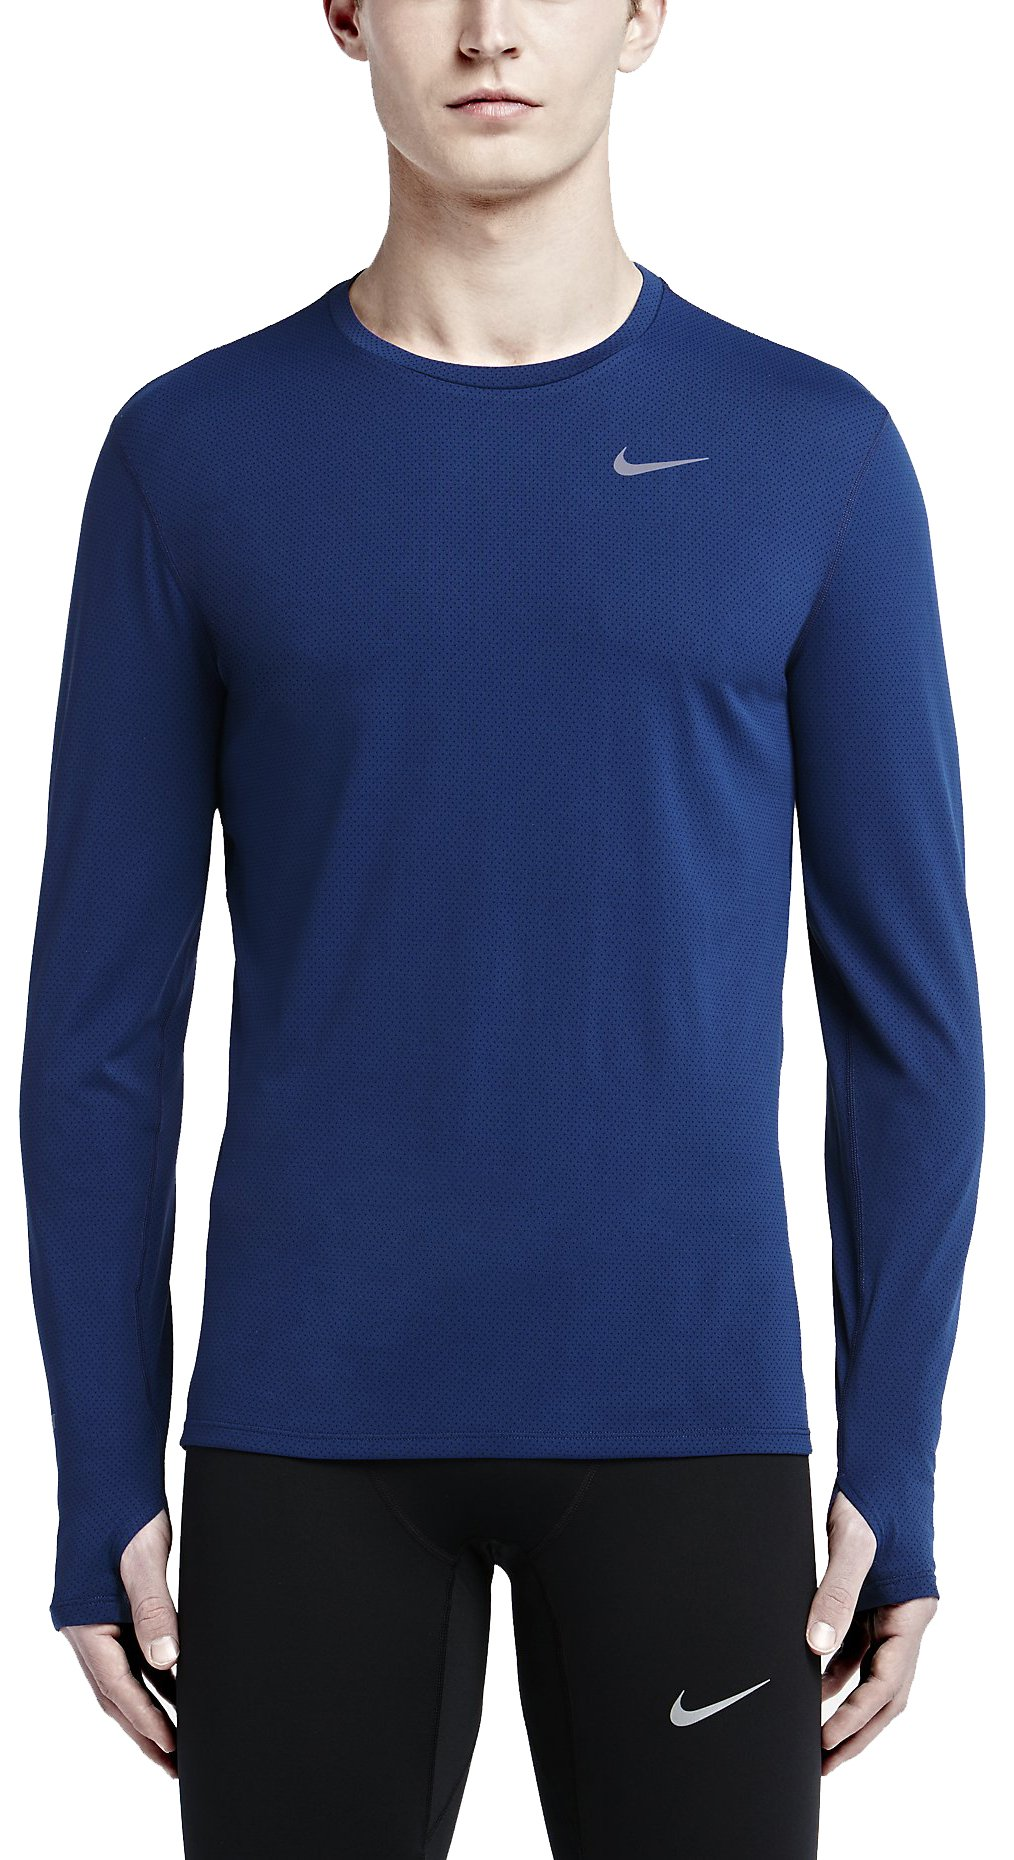 Běžecké tričko Nike Dri-FIT Contour